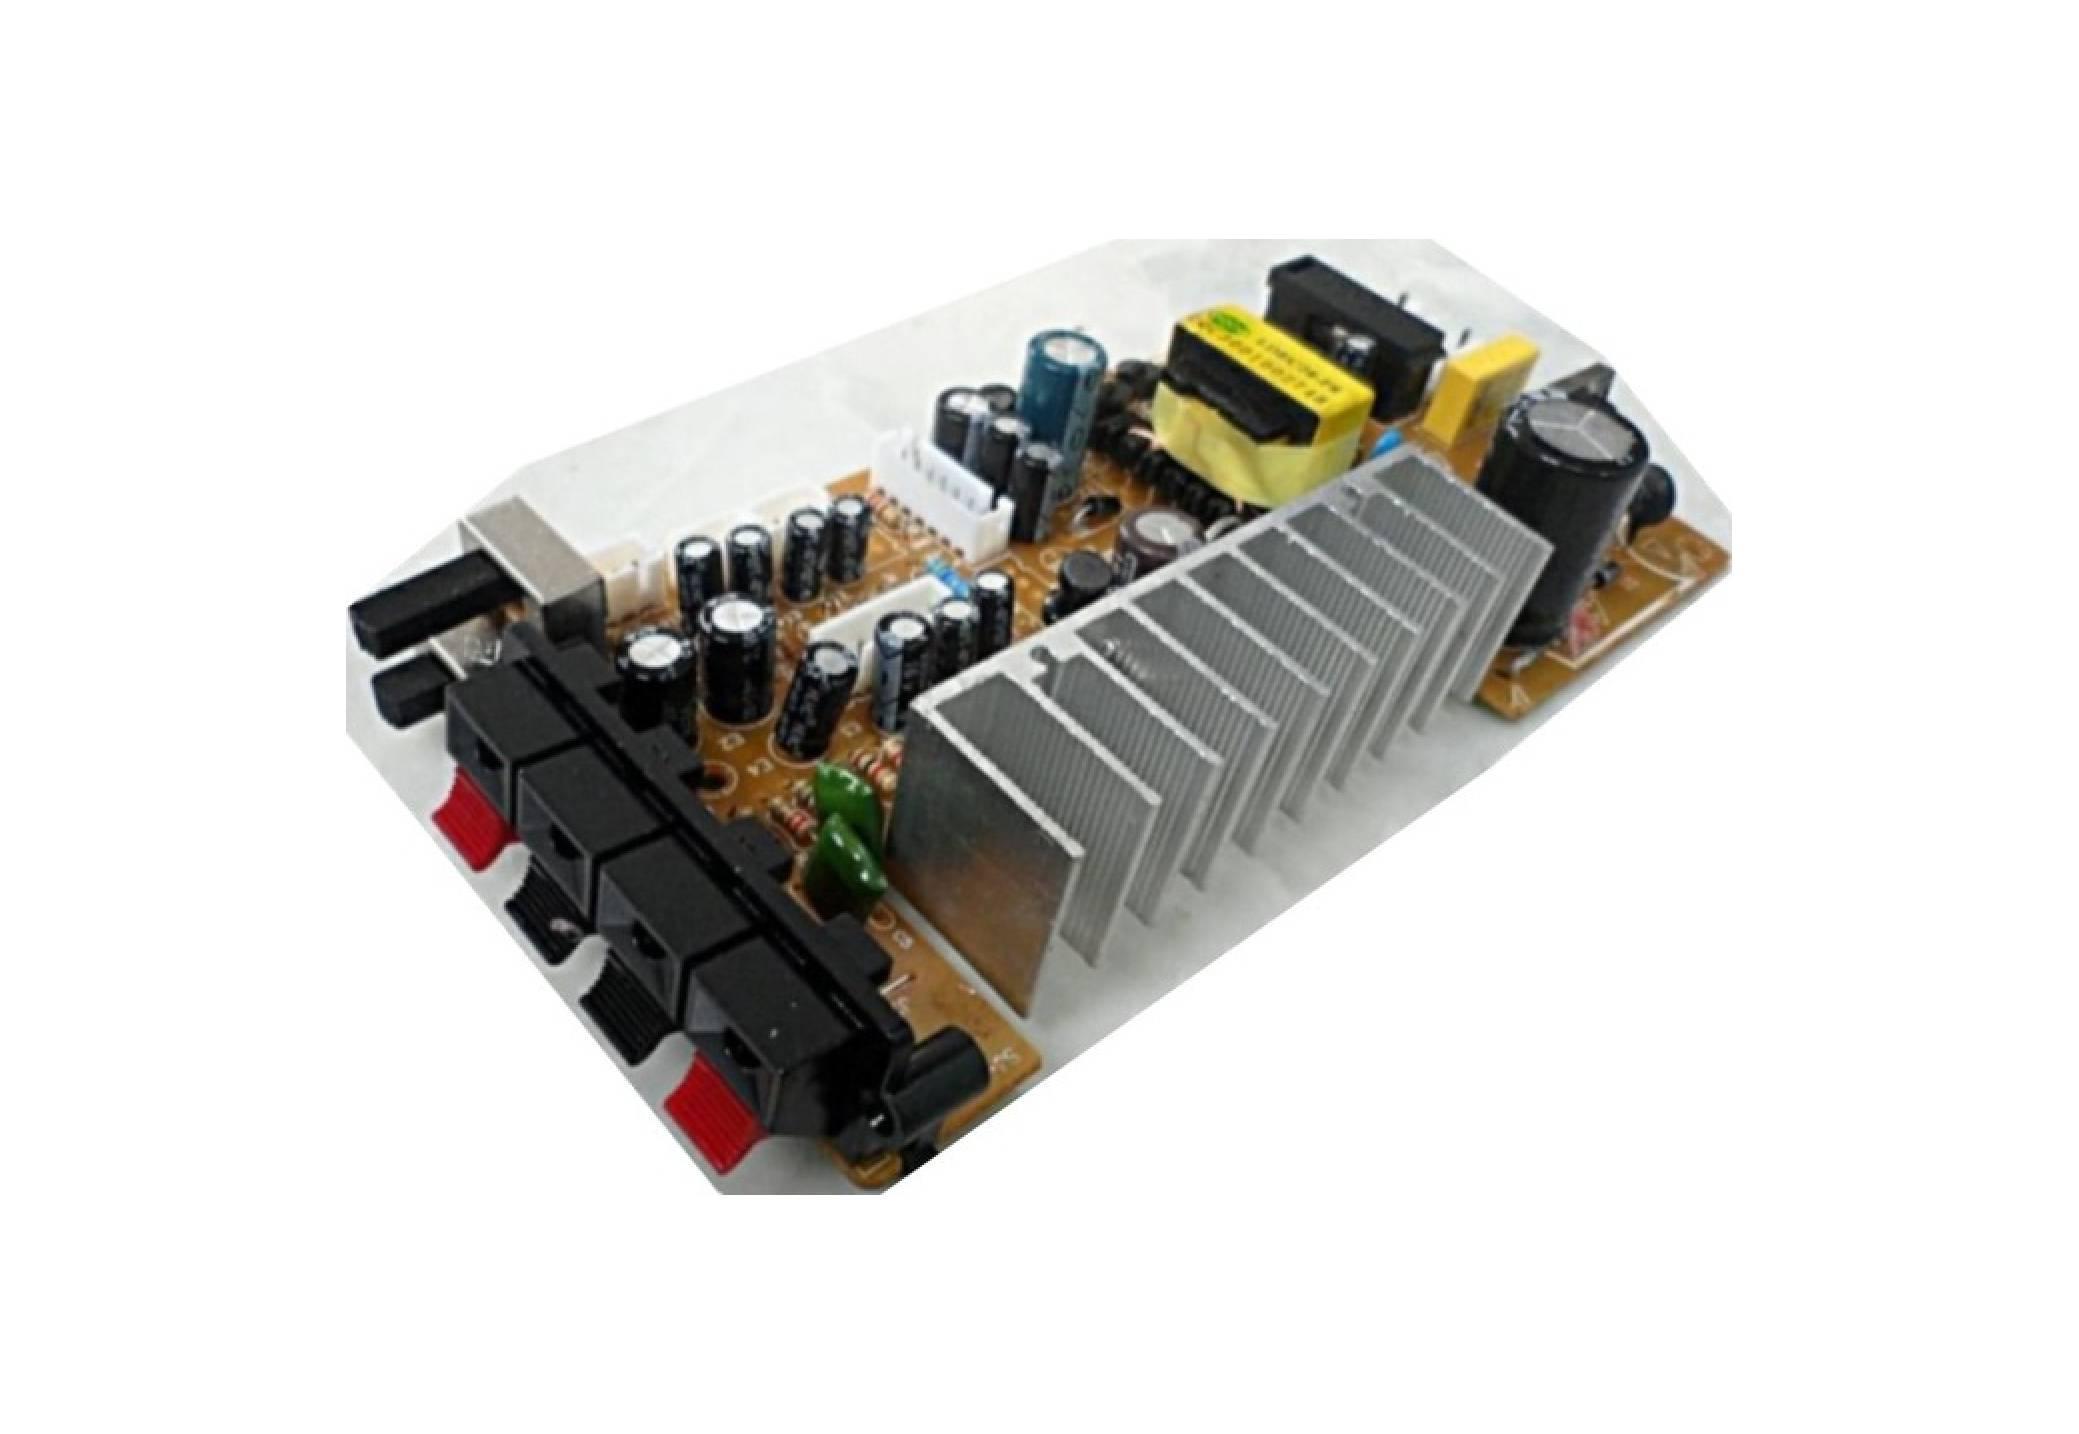 Fitur Power Amplifier Ampli Stereo Tda2005 Ax80watt Pakai Ac220v Pln 20 Watt With Detail Gambar Terbaru